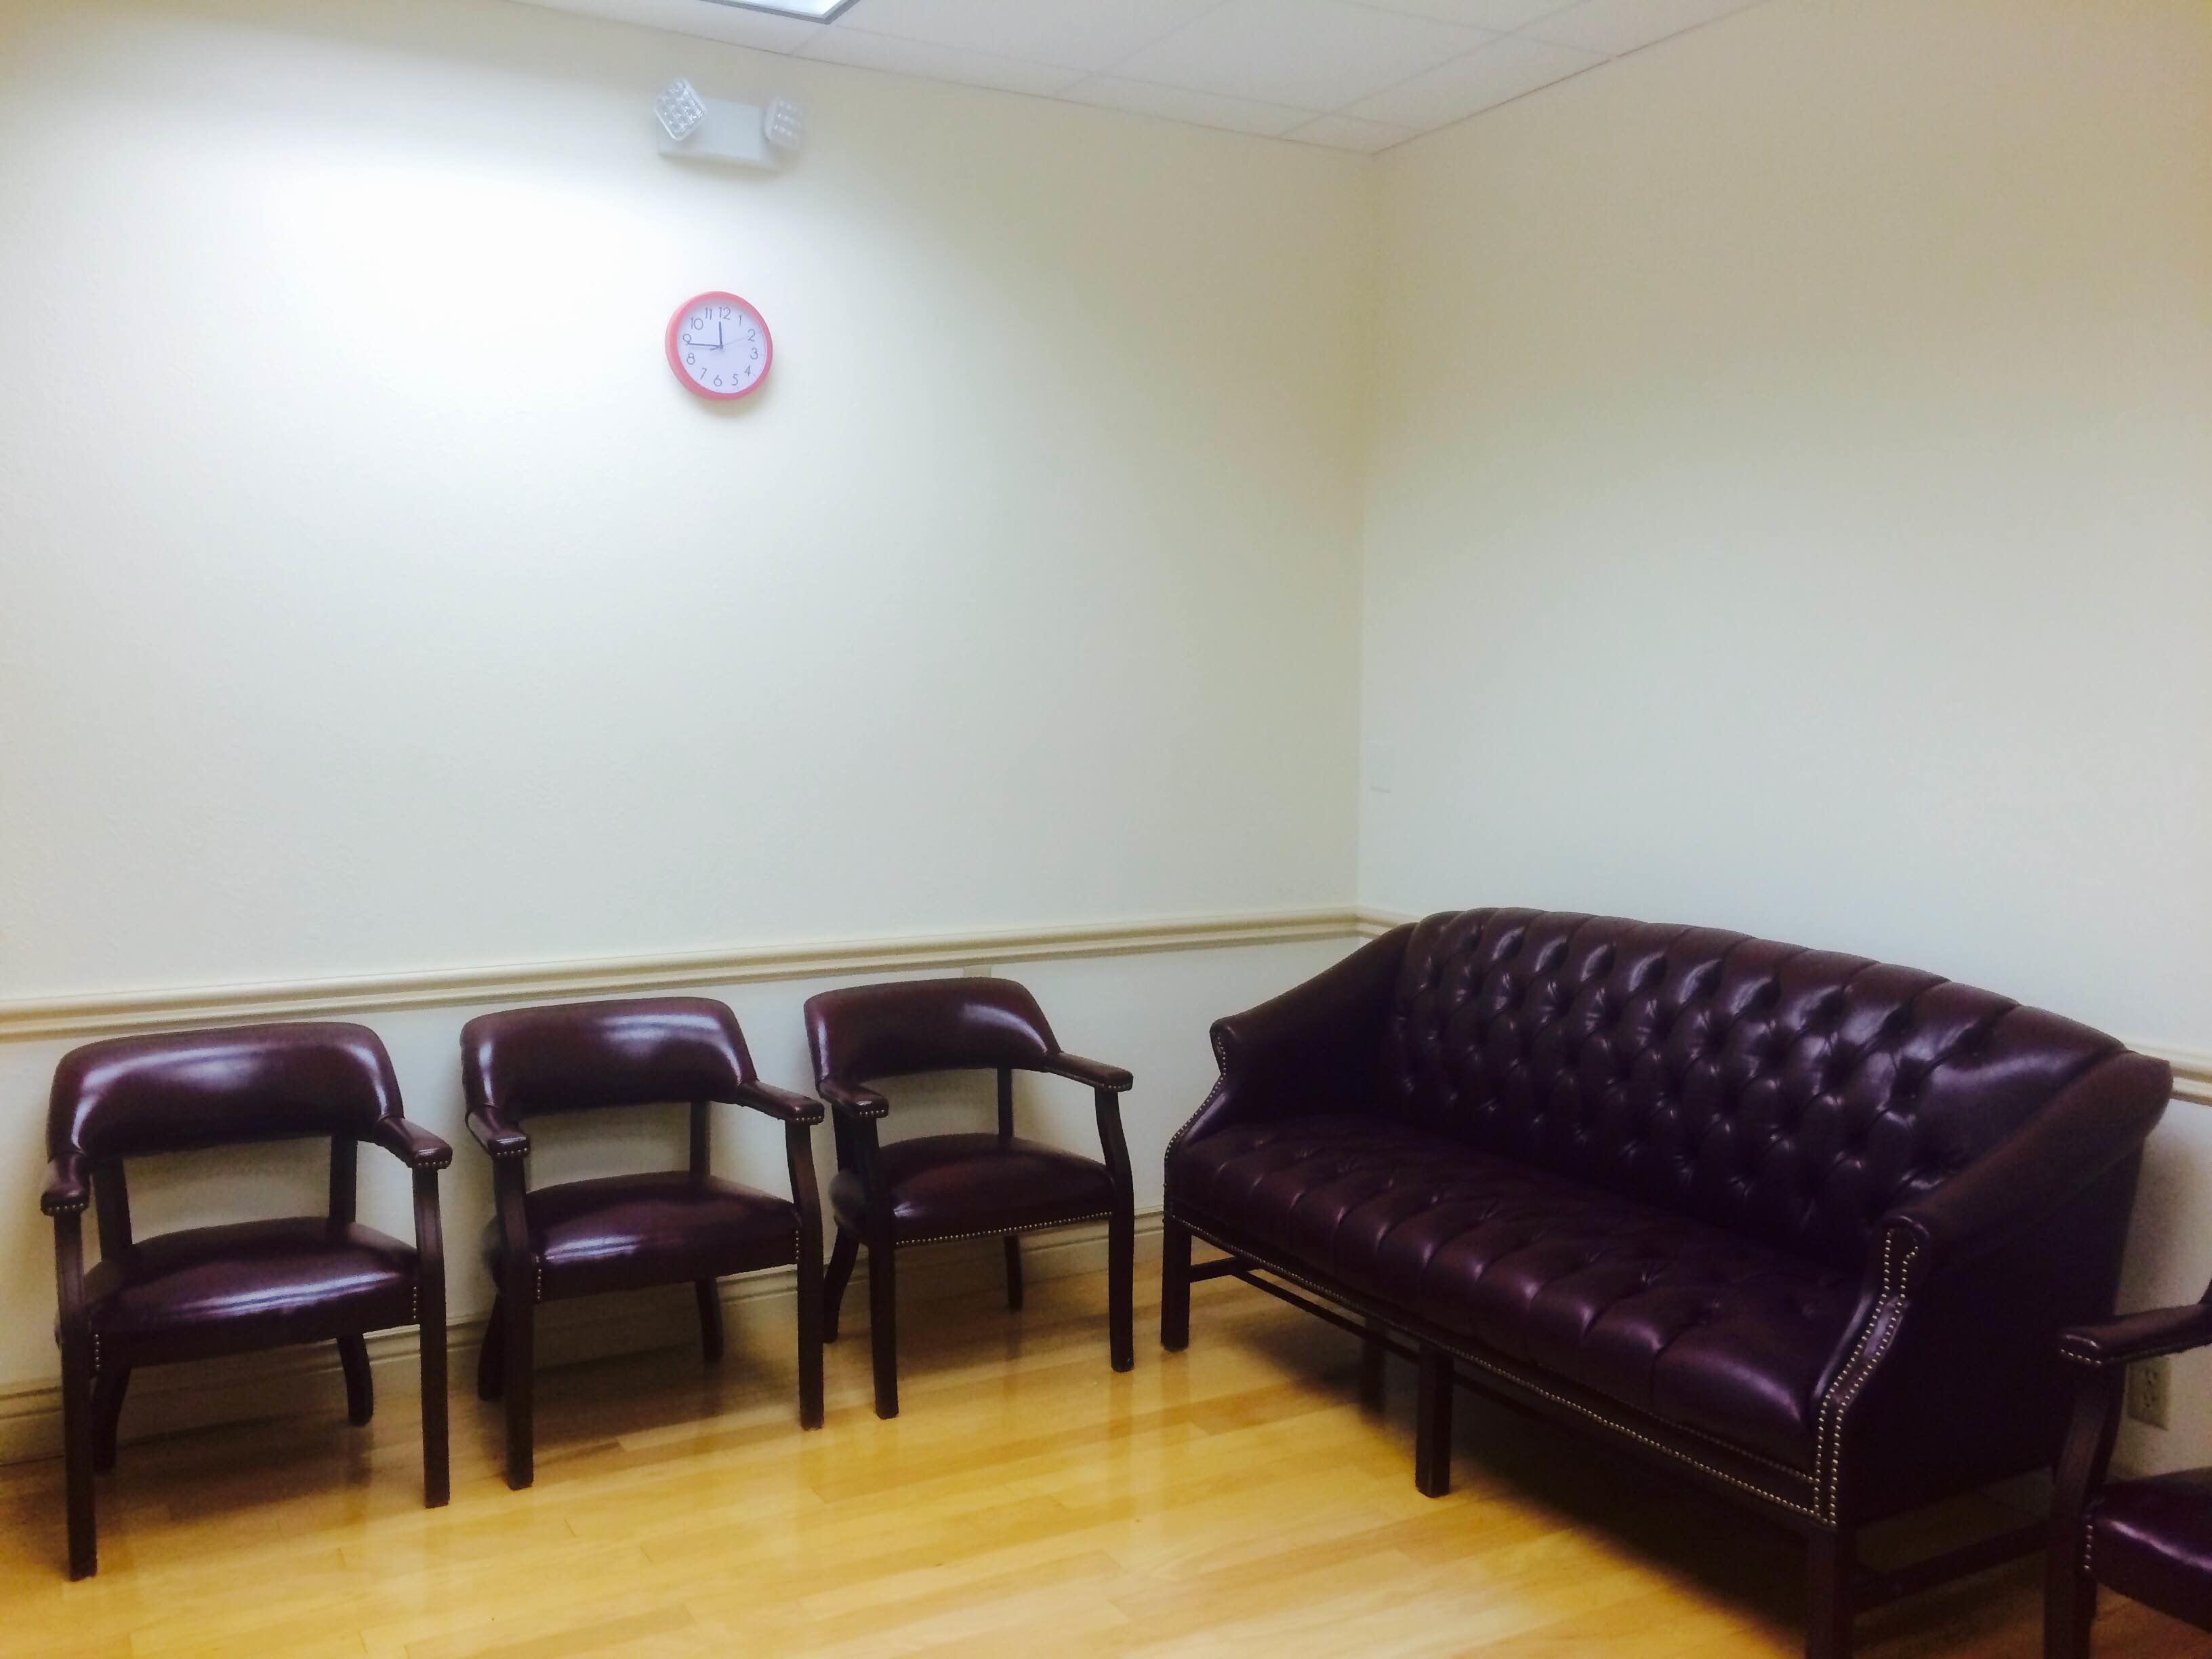 Boca Raton Acupuncture Clinic image 2